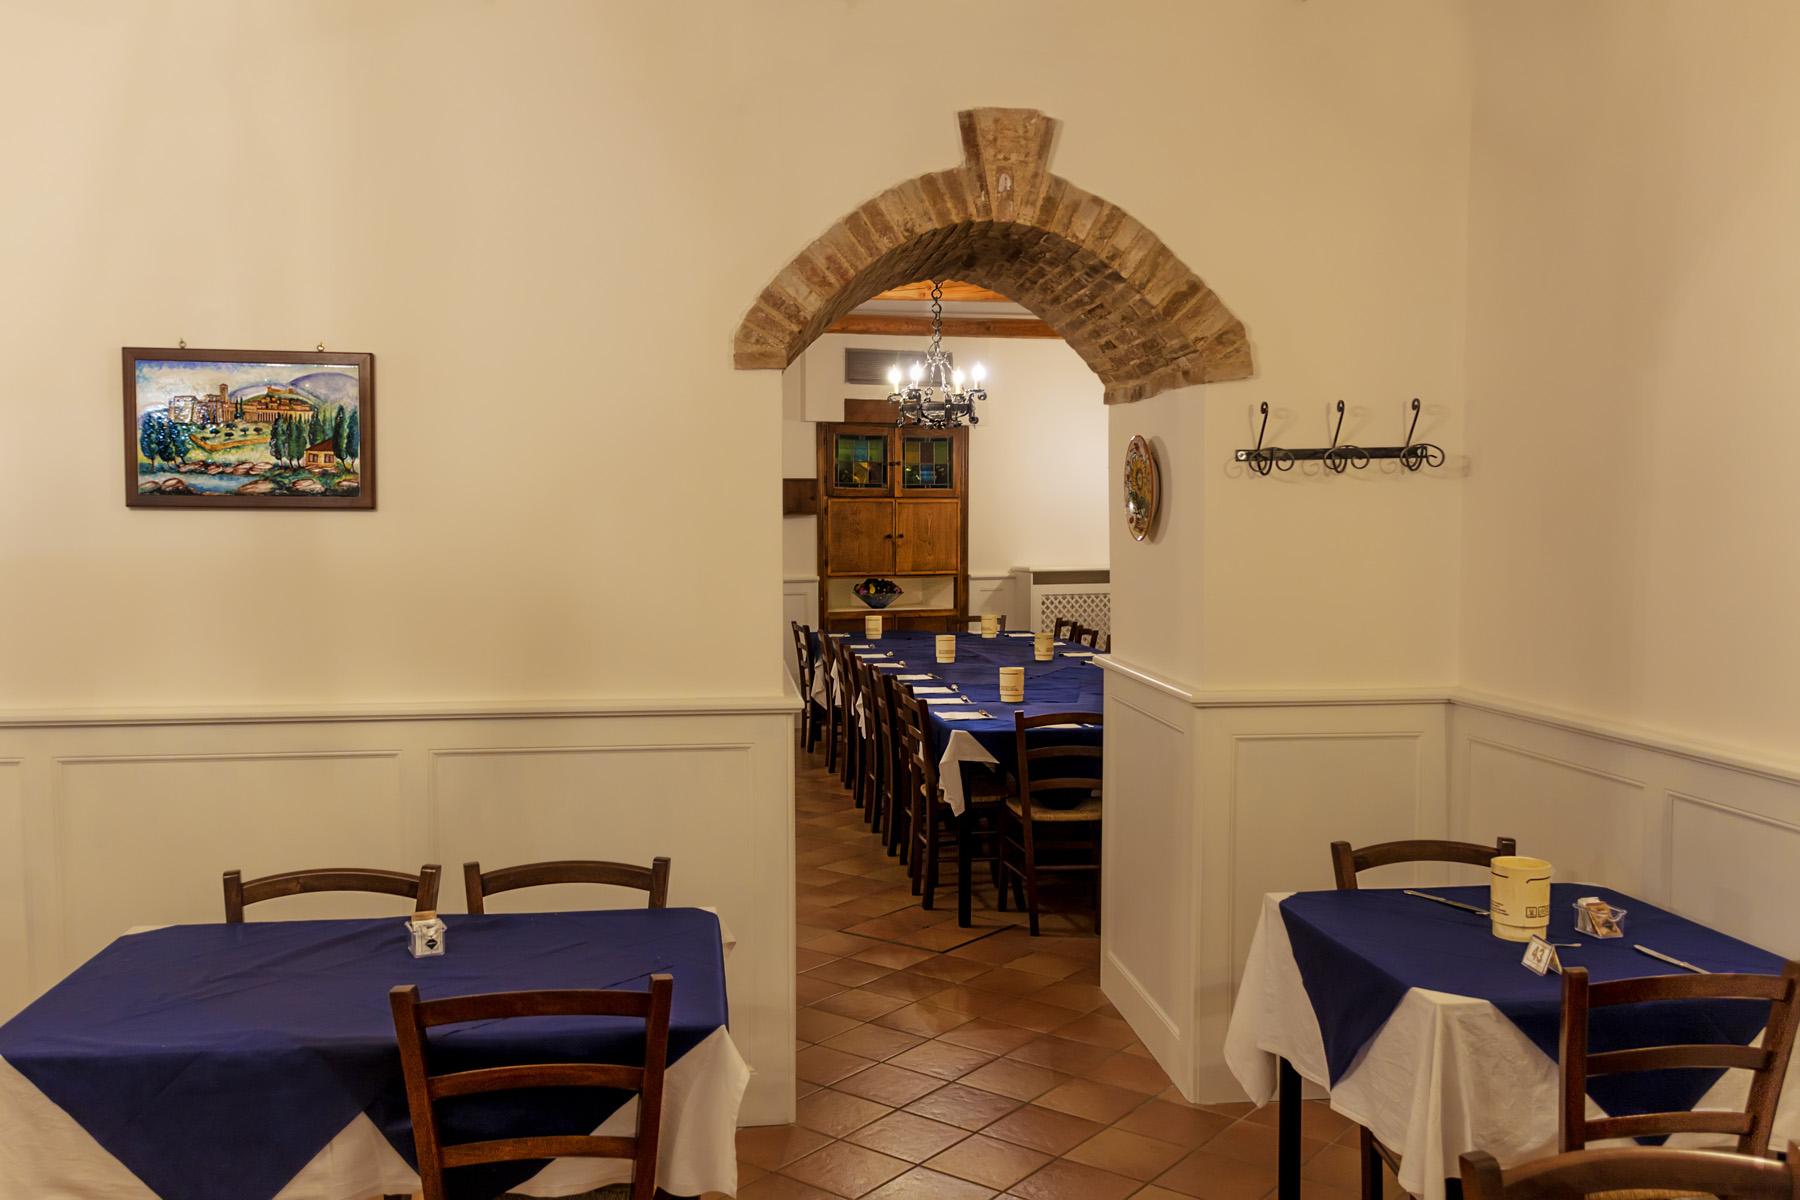 Restaurant Papo 1